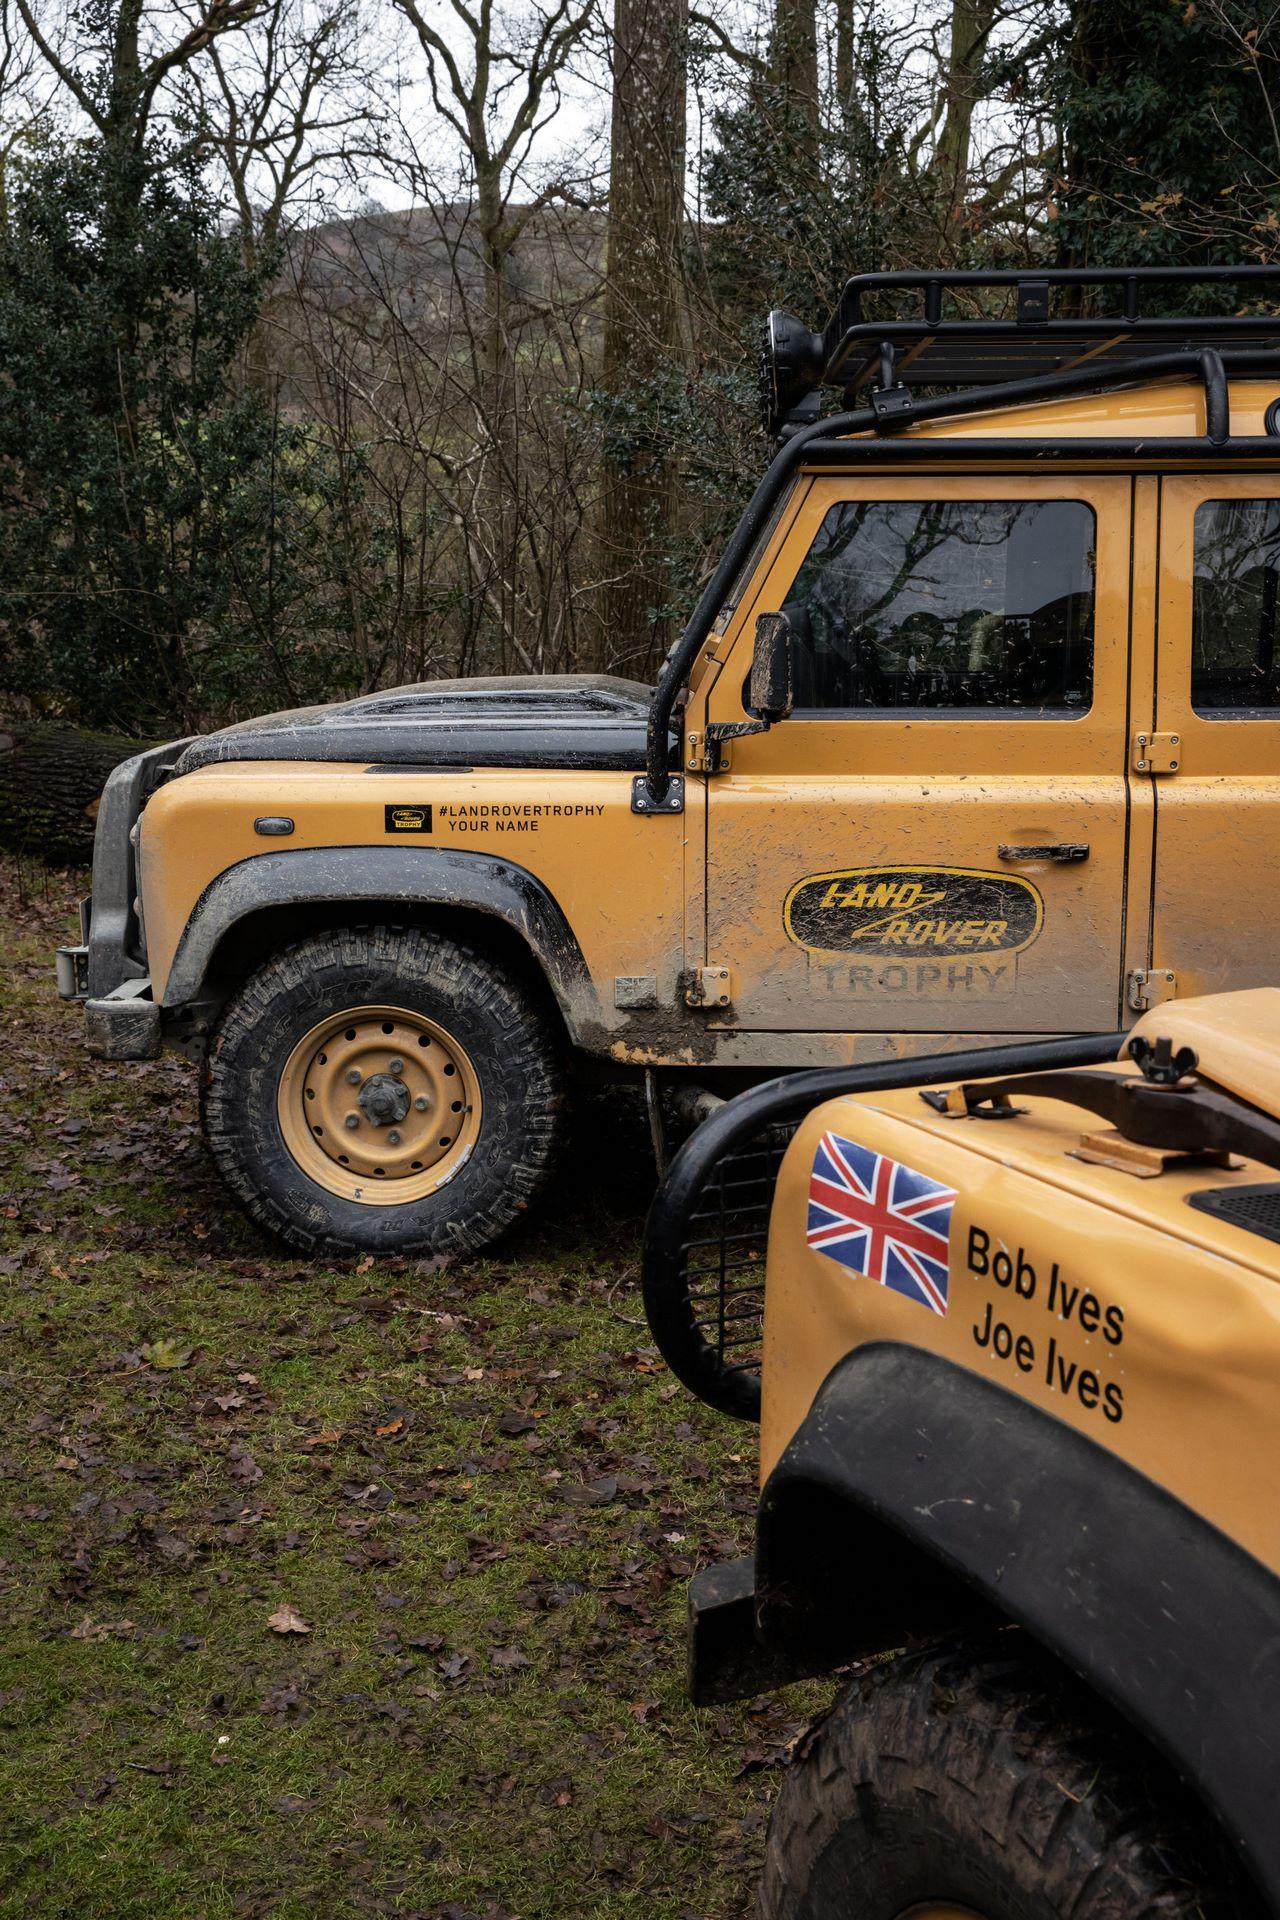 Land-Rover-Defender-Works-V8-Trophy-37